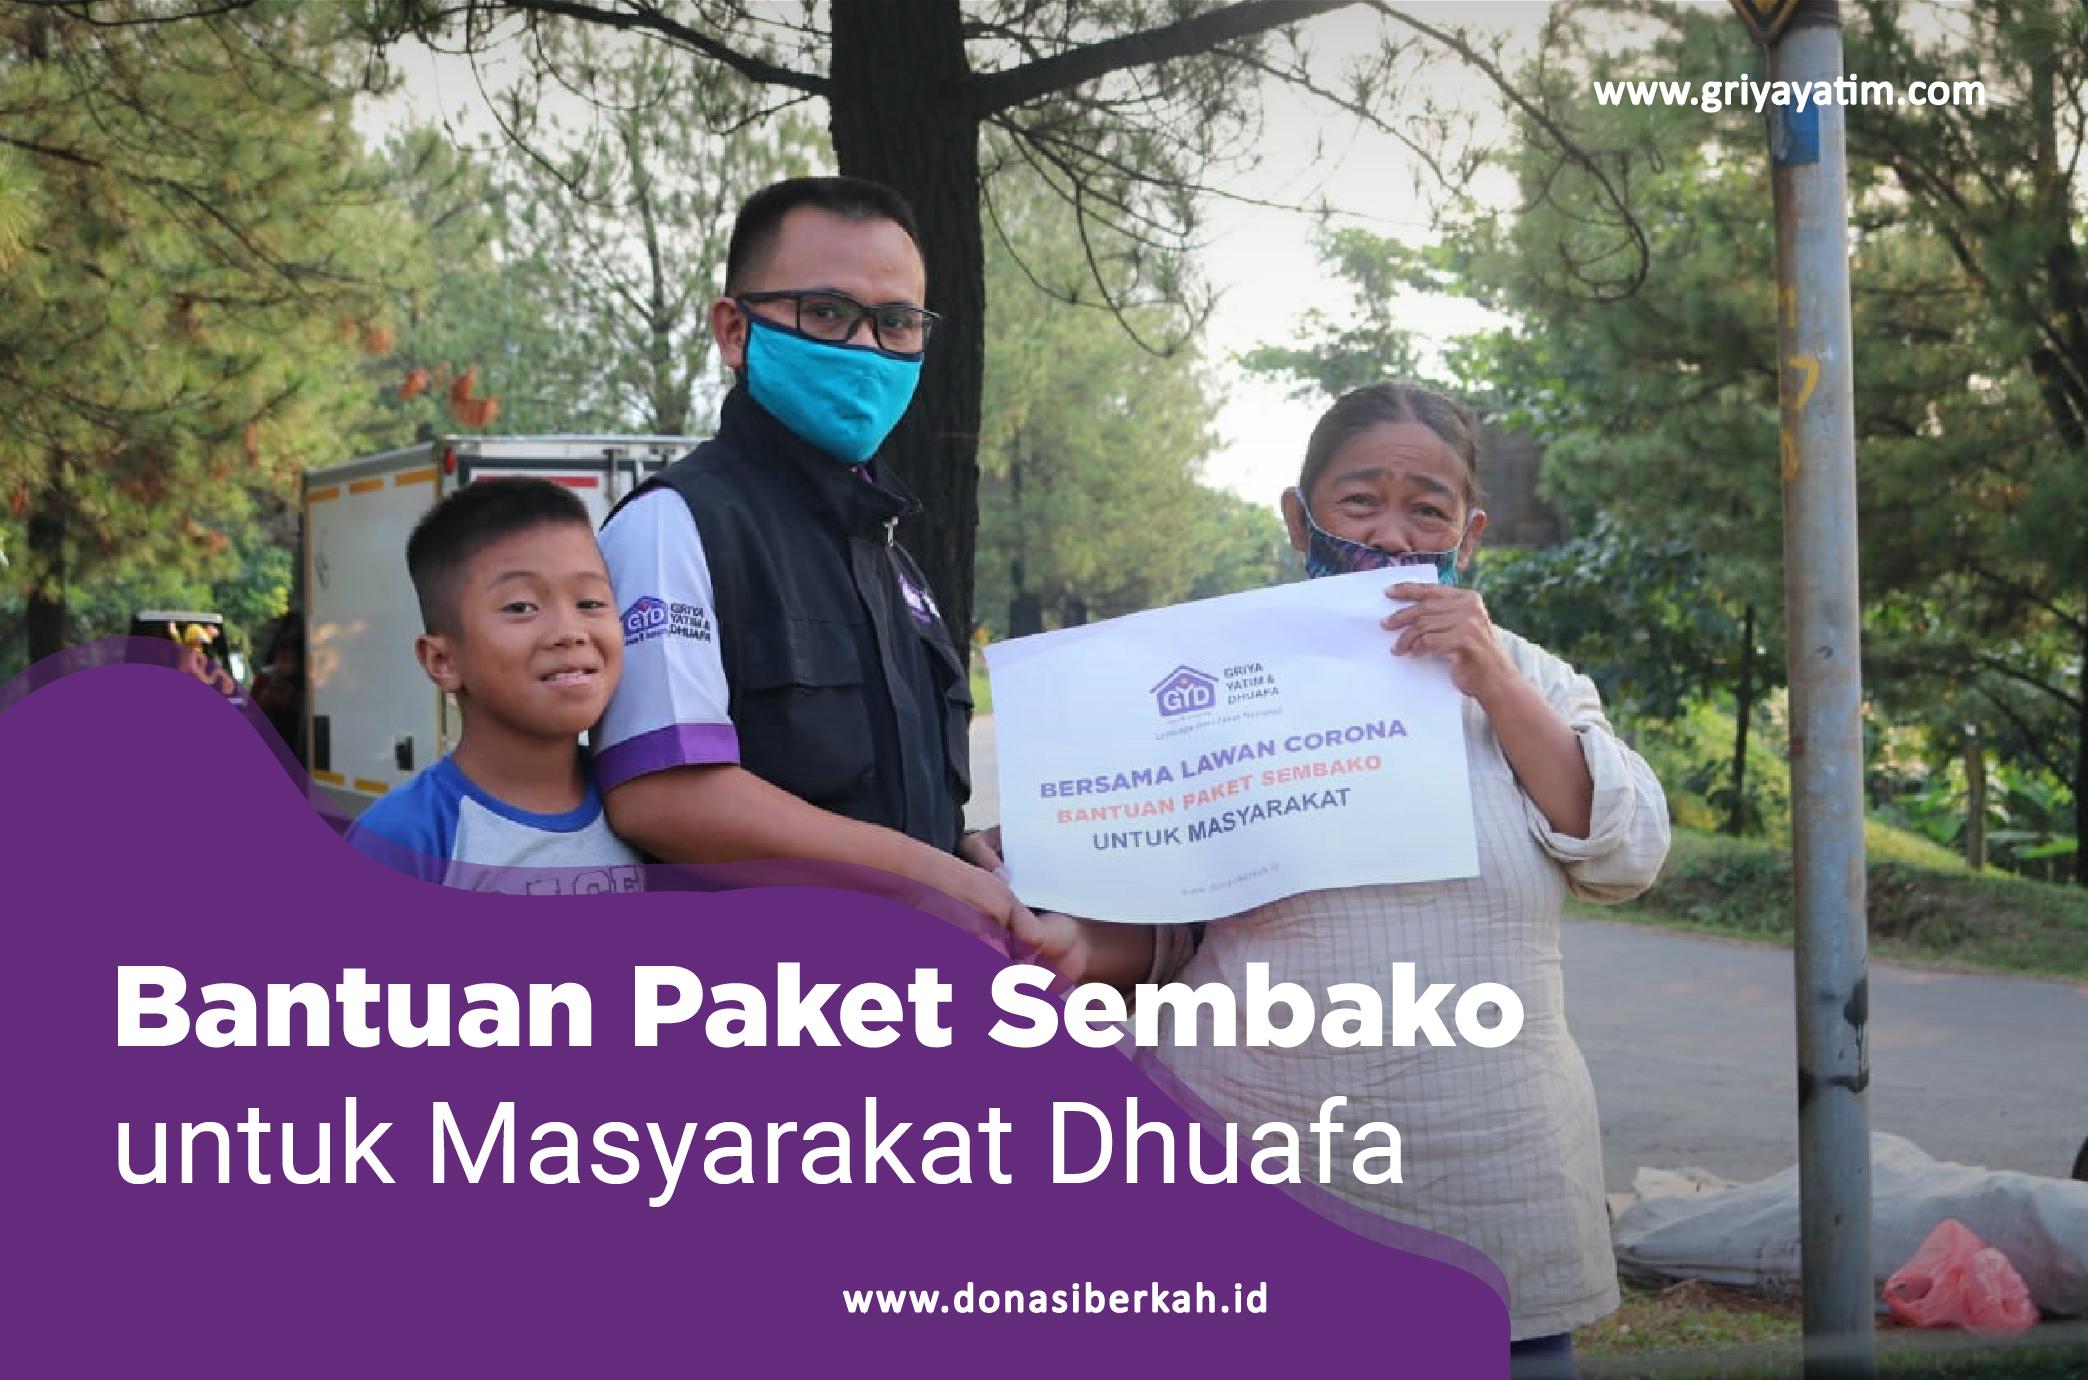 Bantuan Paket Sembako untuk masyarakat dhuafa